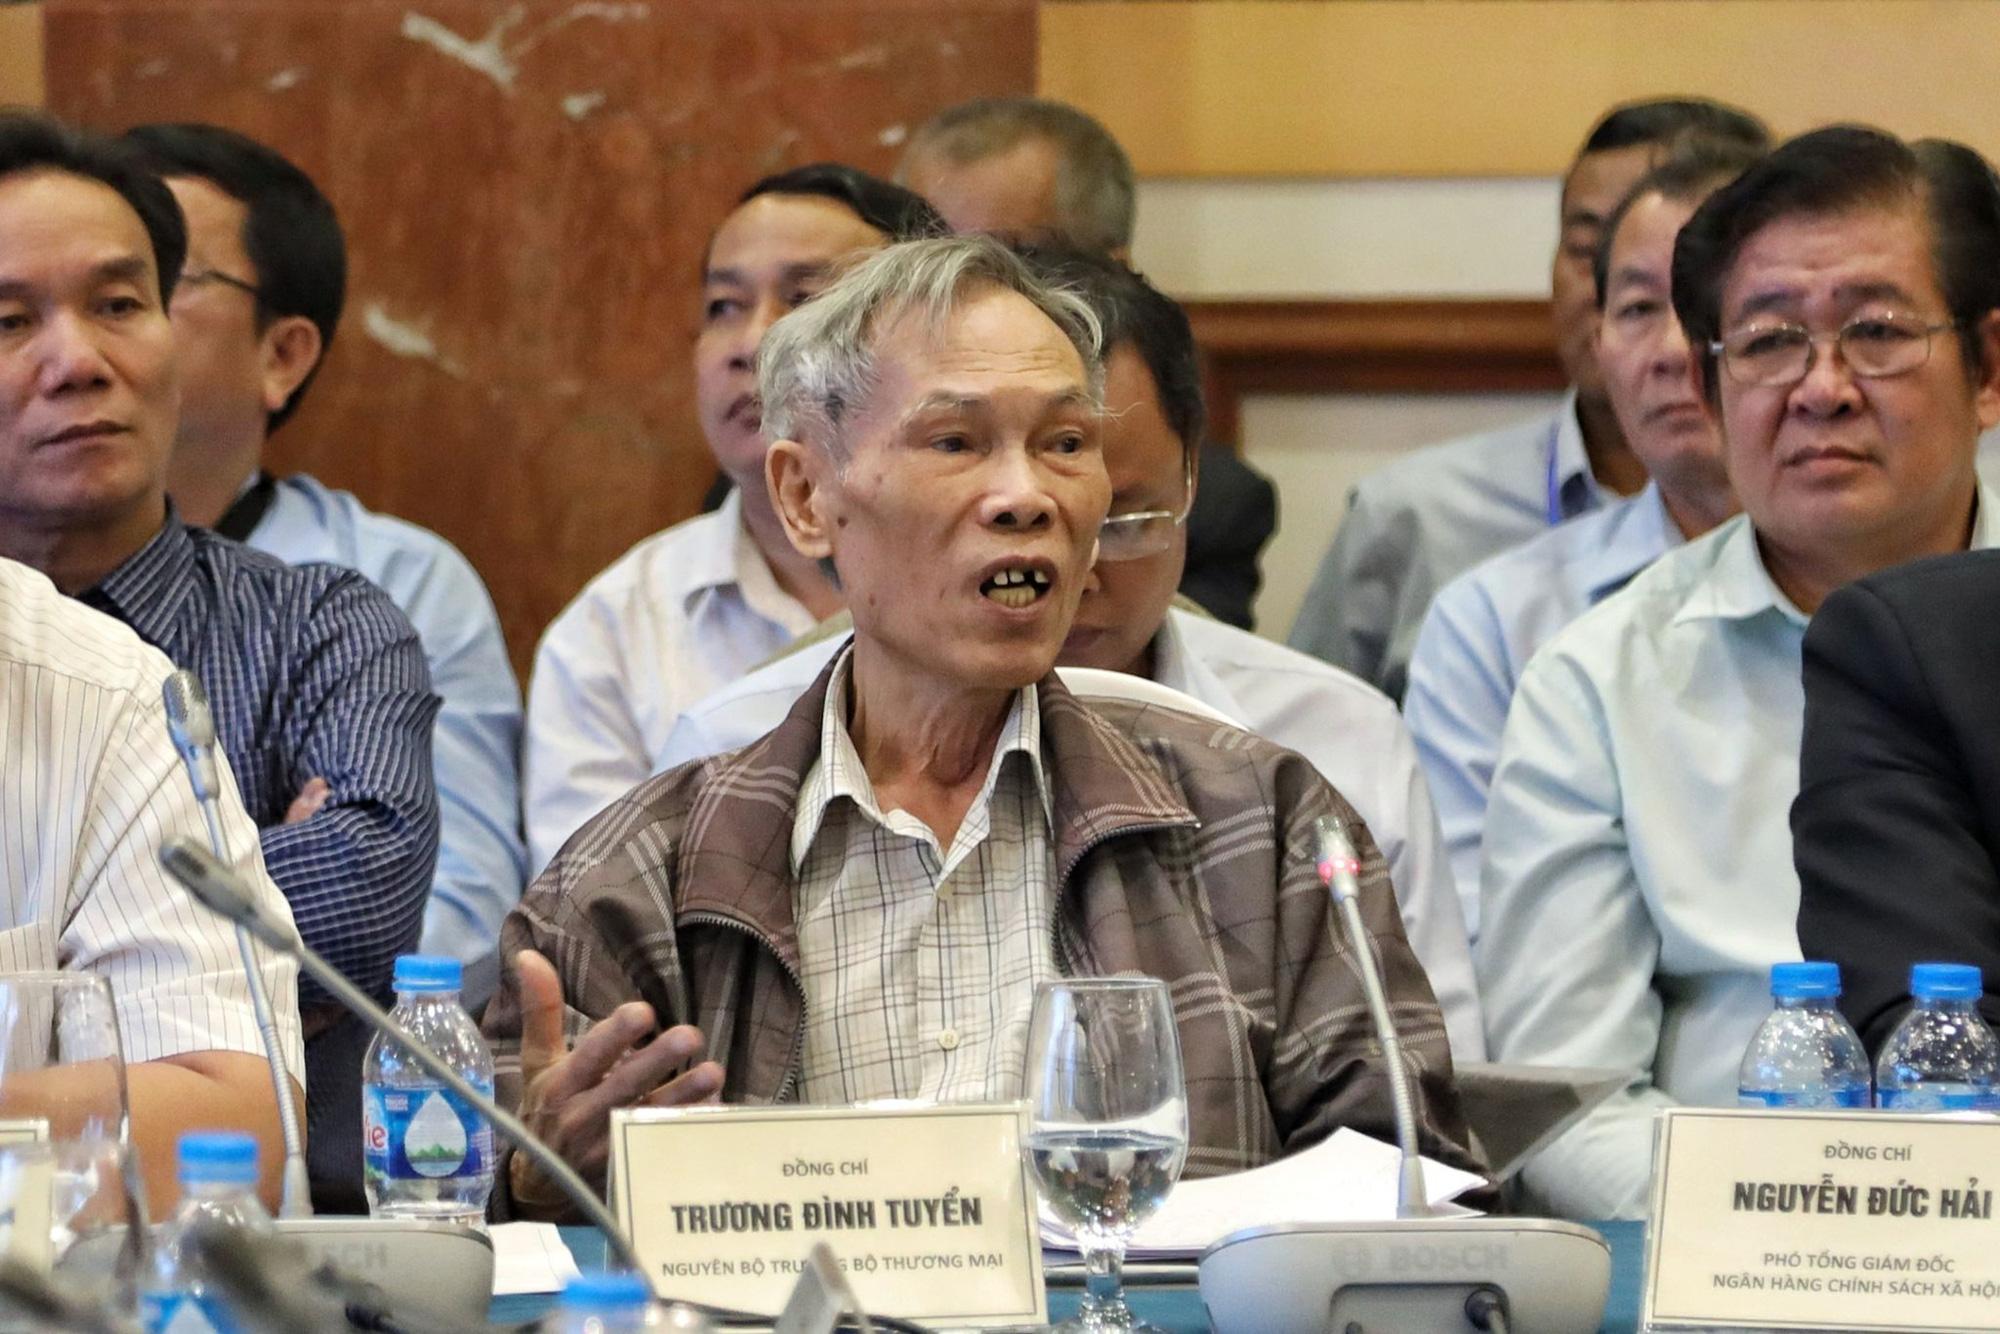 Ông Trương Đình Tuyển: Cần phát triển nền nông nghiệp đa chức năng thay vì nông nghiệp toàn diện - Ảnh 1.